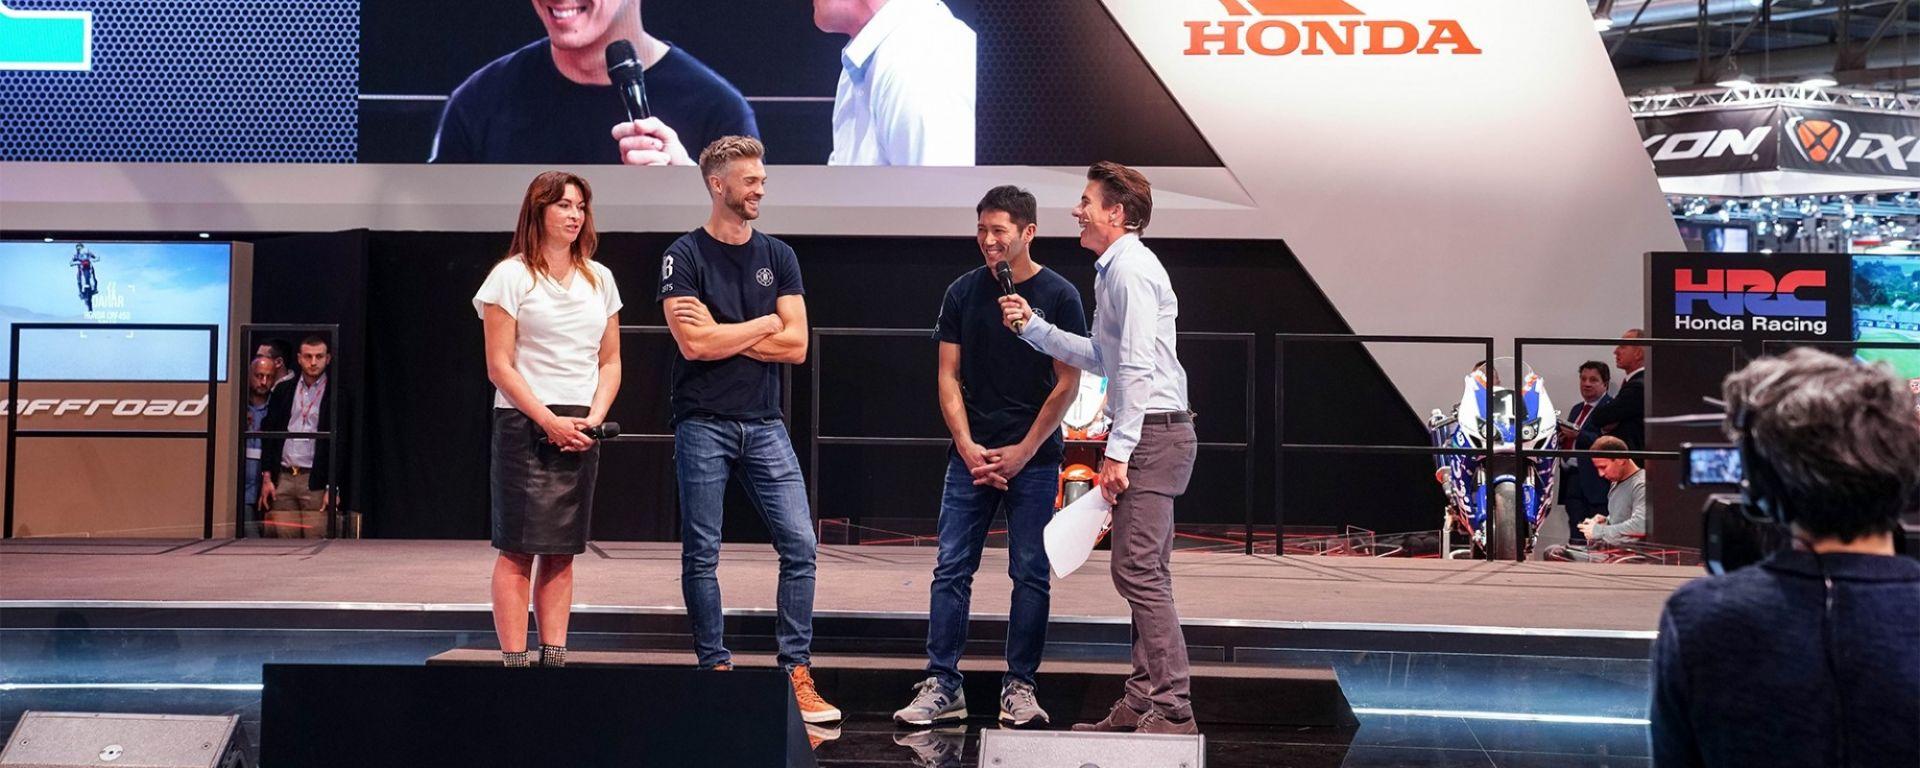 Superbike, la Honda presenta la coppia di piloti 2019